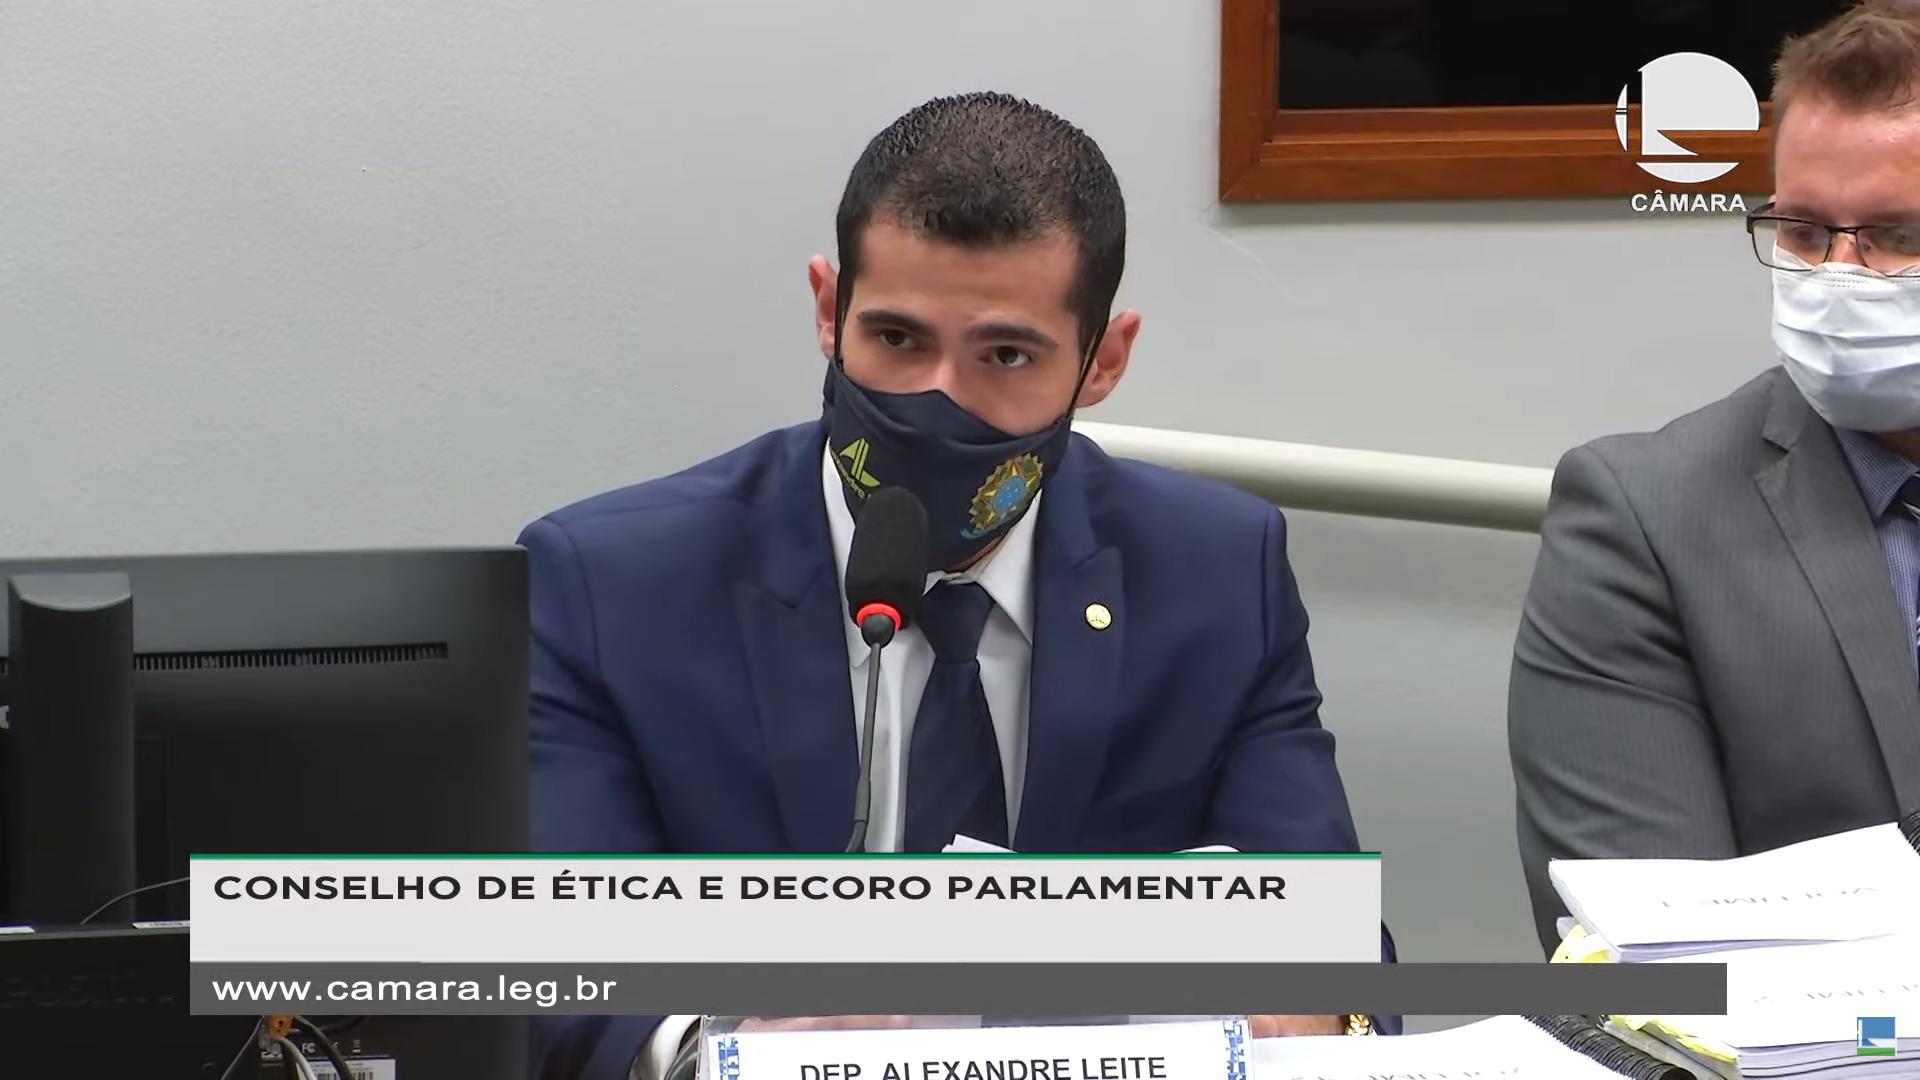 IMAGEM: Relator no Conselho de Ética pede perda do mandato de Flordelis